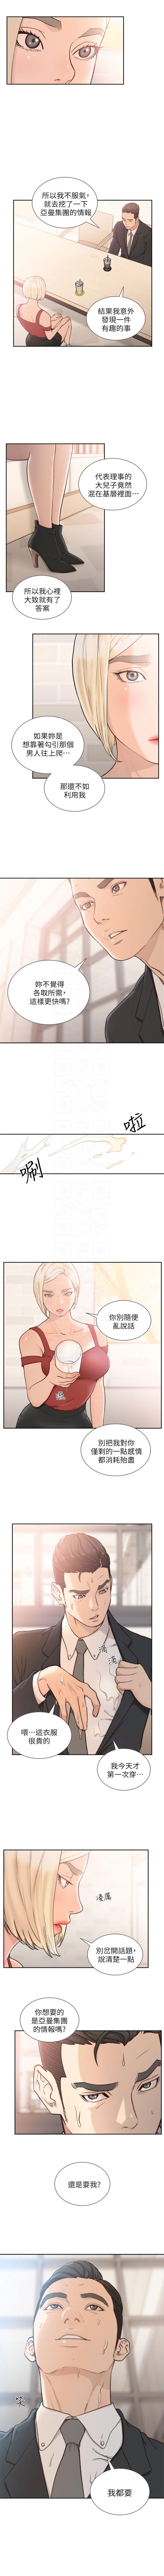 前女友 1-48 中文翻译(更新中) 178